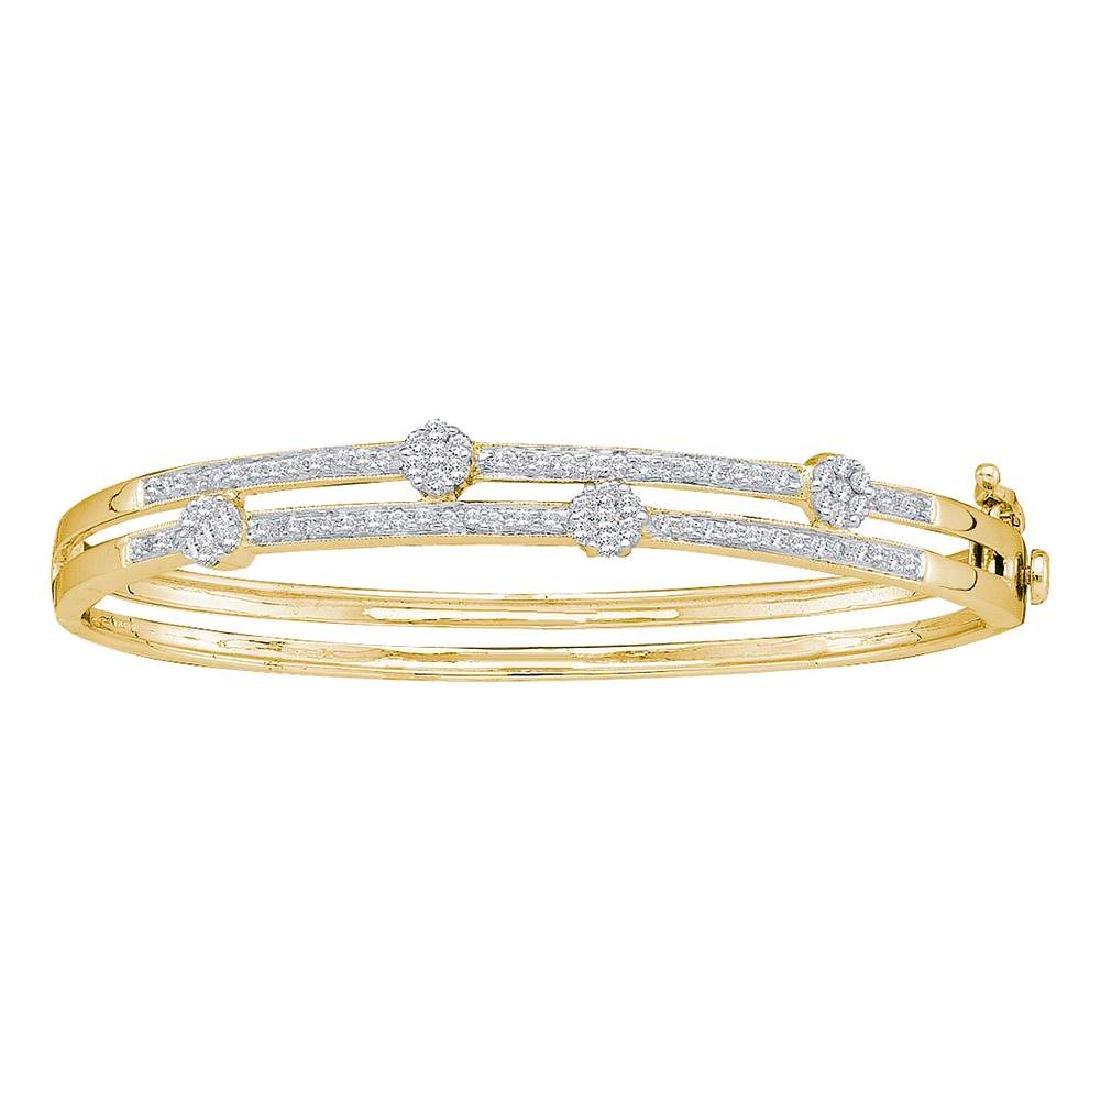 1 CTW Diamond Flower Cluster Bangle Bracelet 14KT